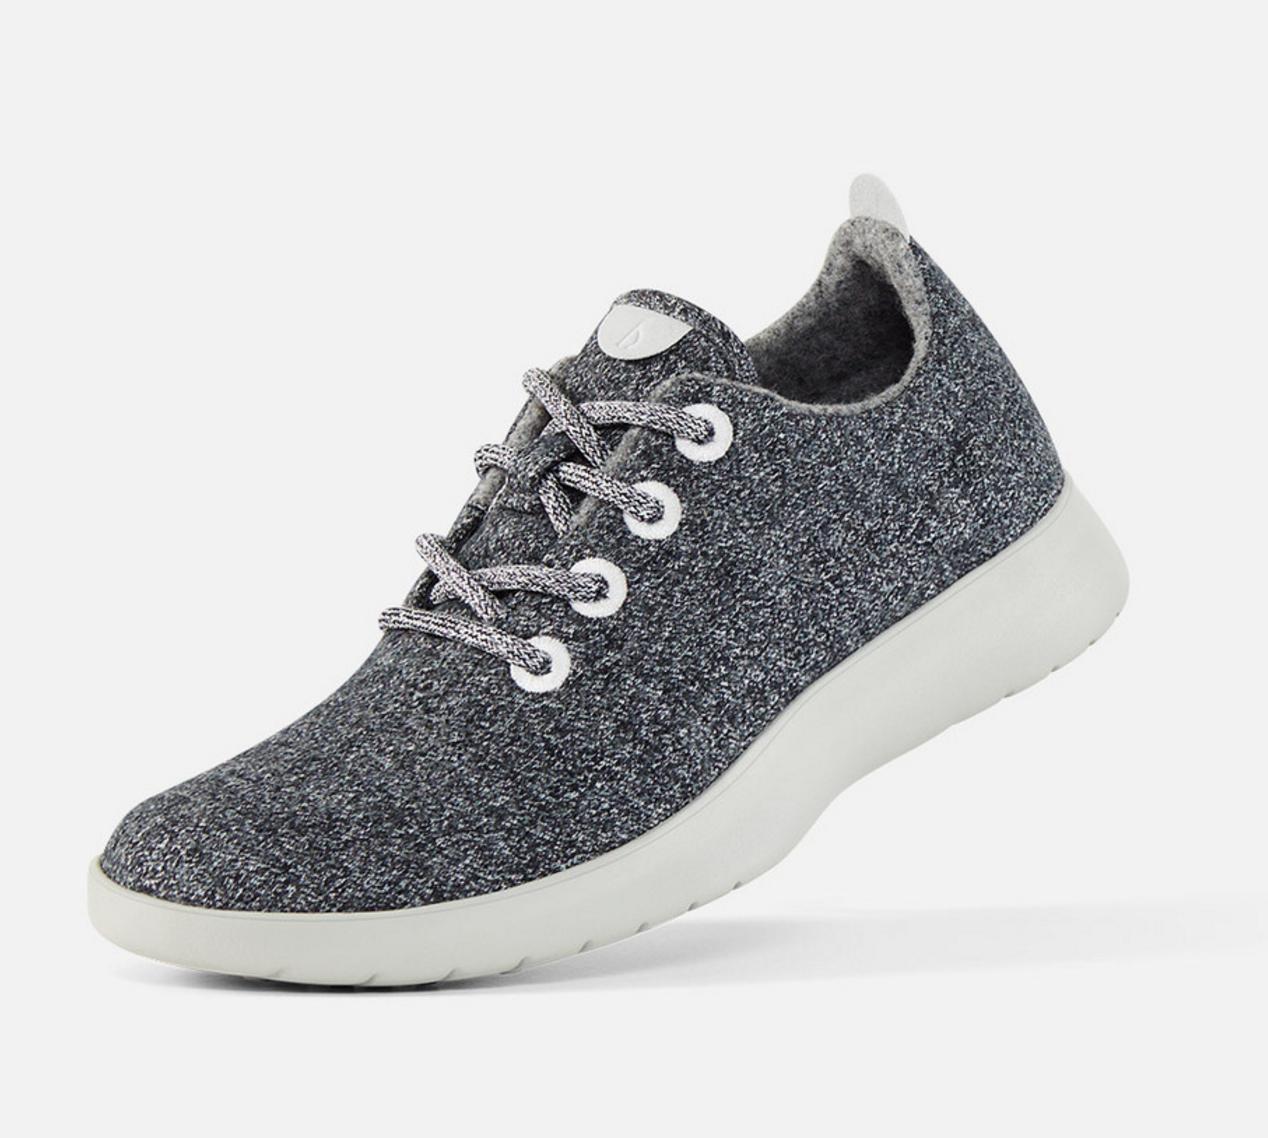 Wool Shoes New Zealand Bird